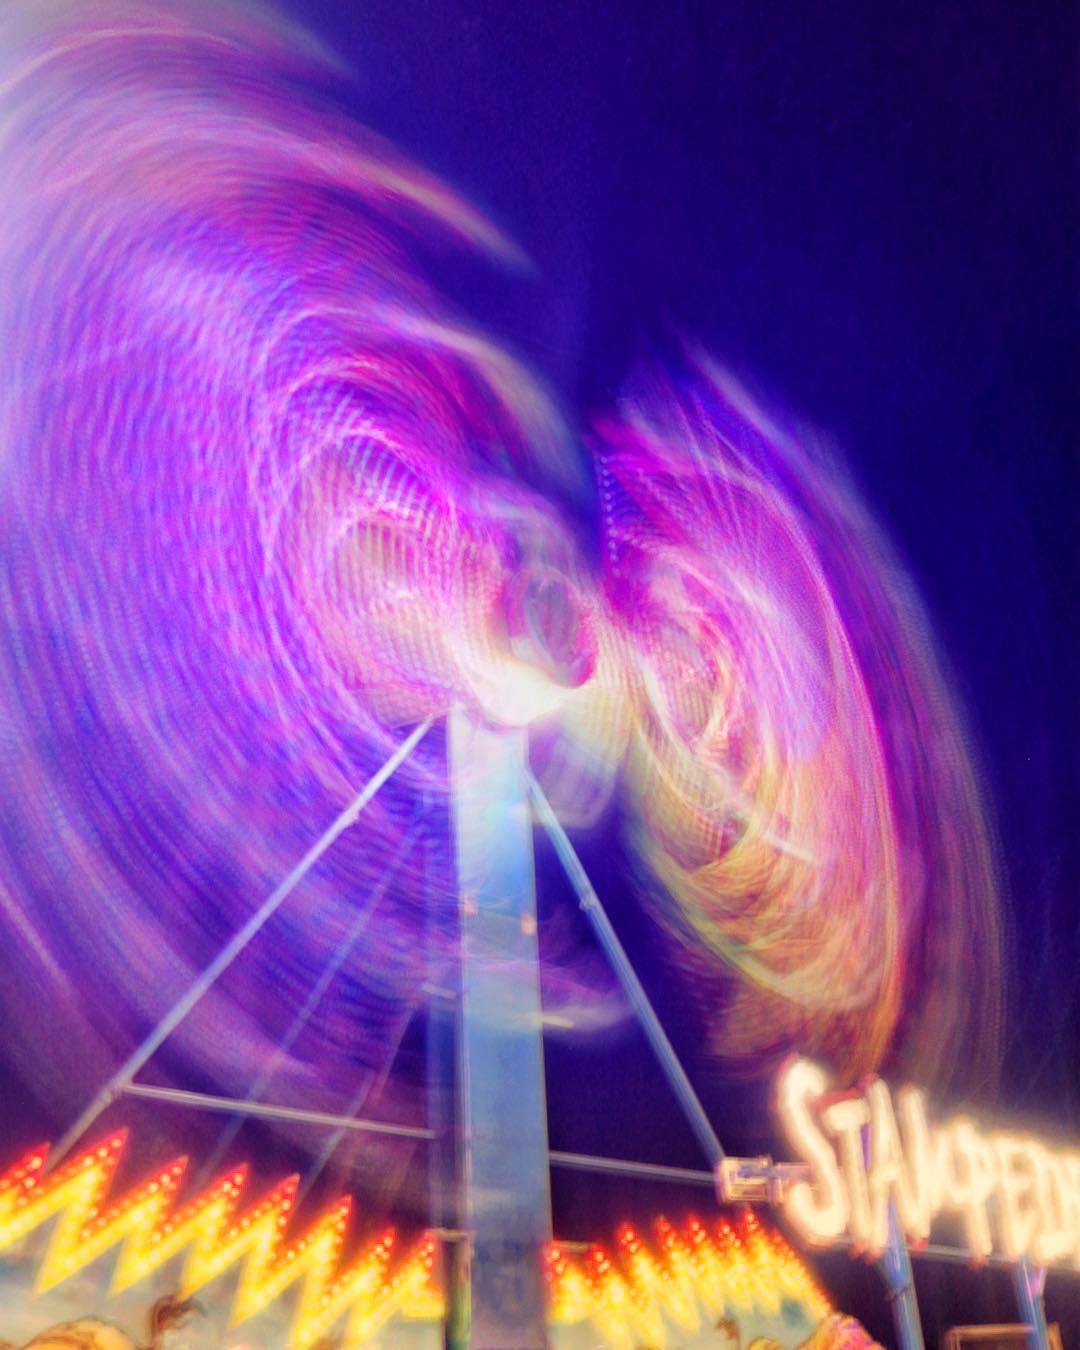 Swirly. #bentoncountyfair